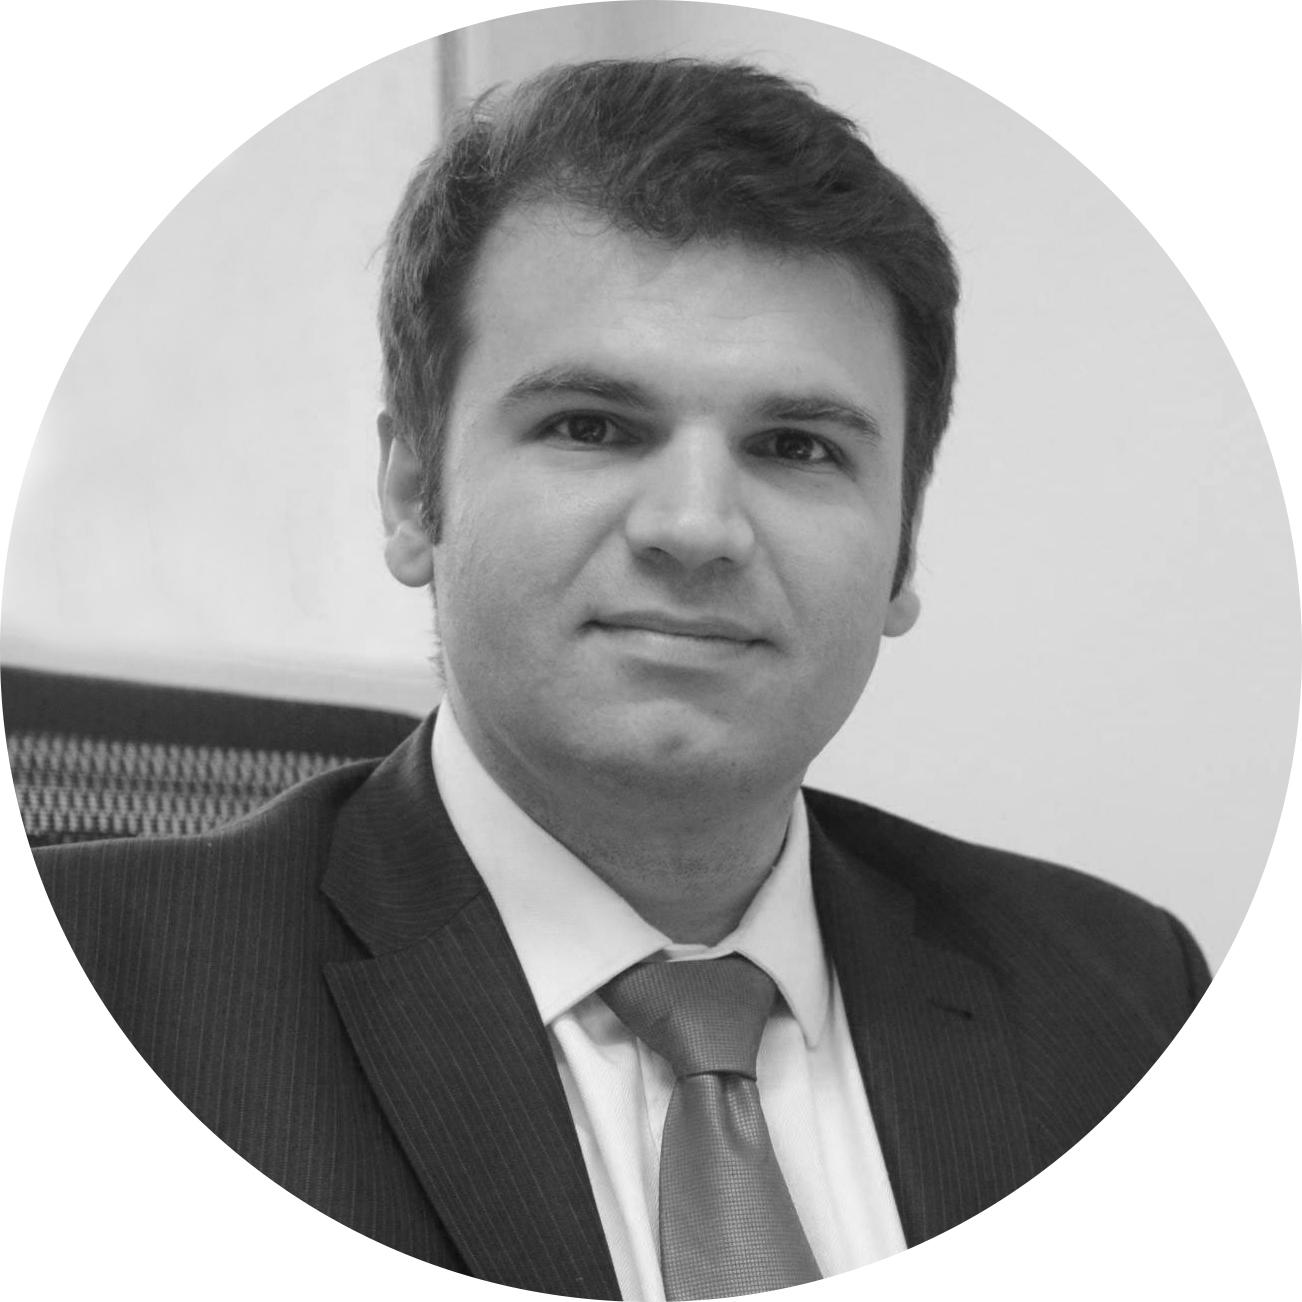 Rafał Bugajski